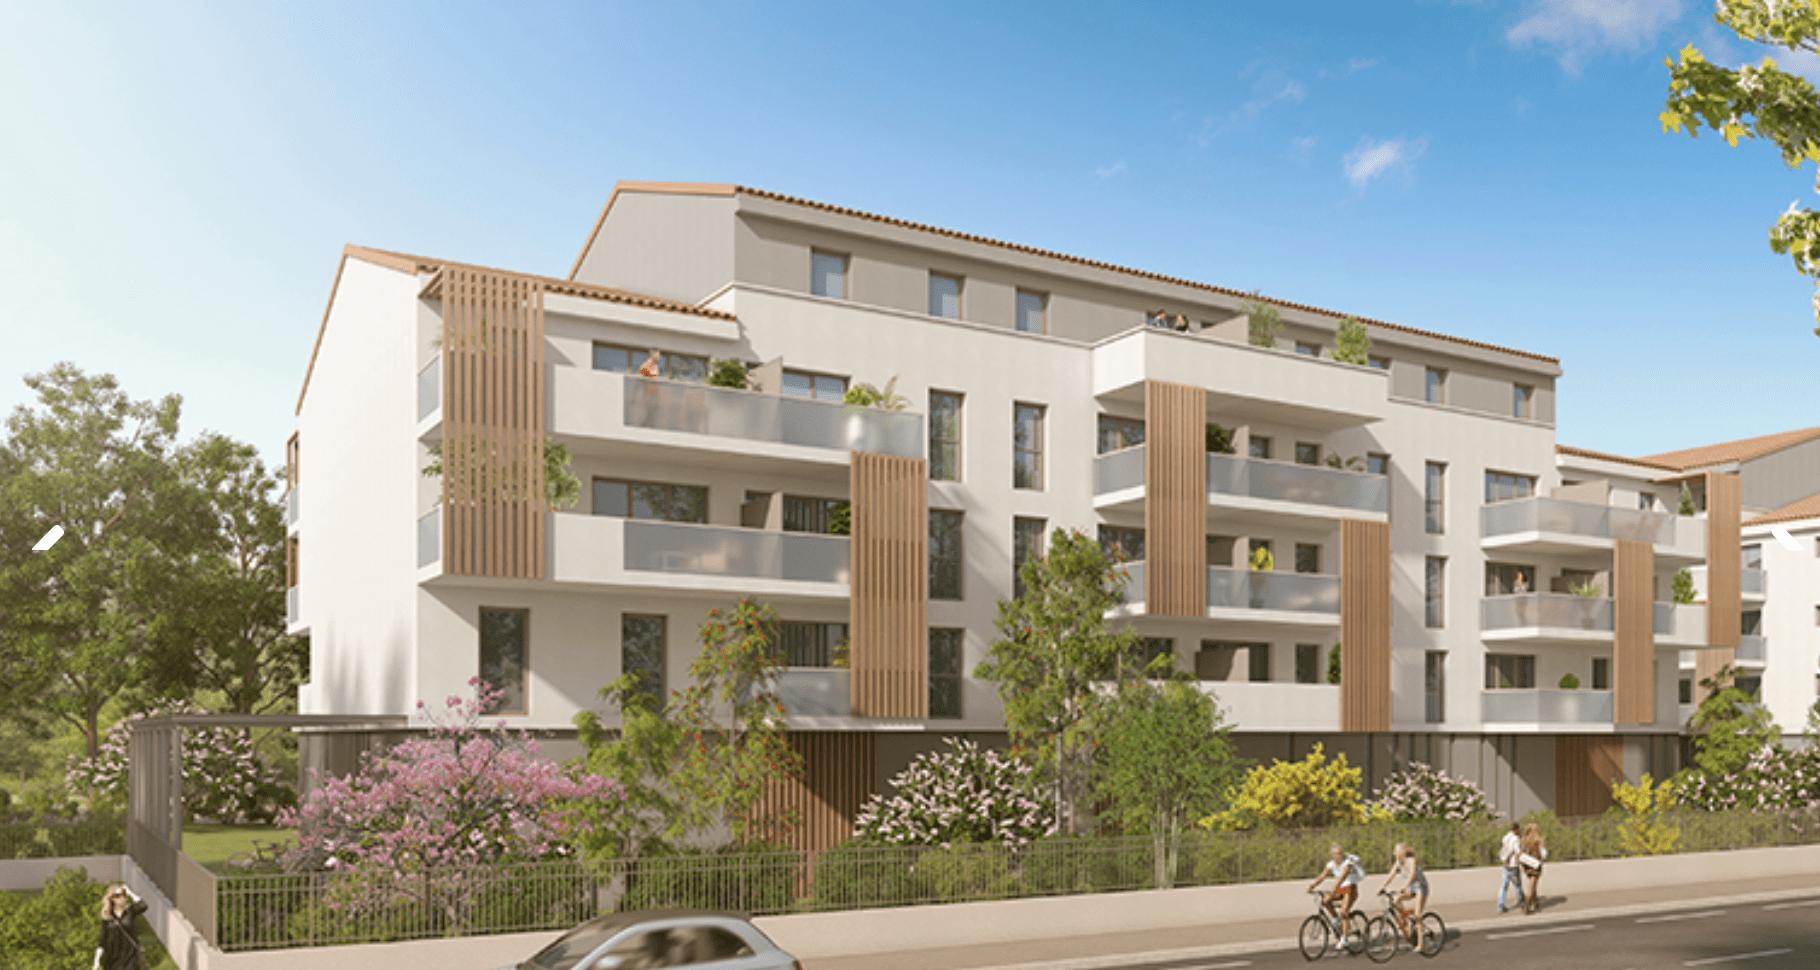 Programme immobilier PI45 appartement à Avignon (84140) Proche Centre Ville